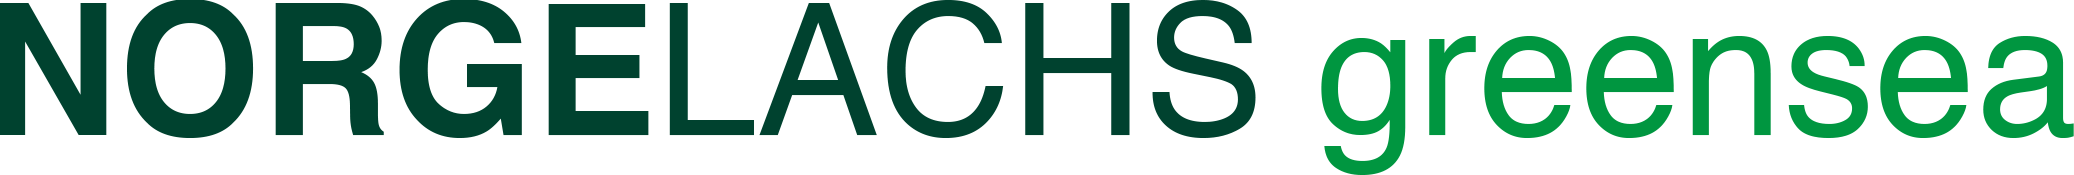 greensea - Irischer Lachs